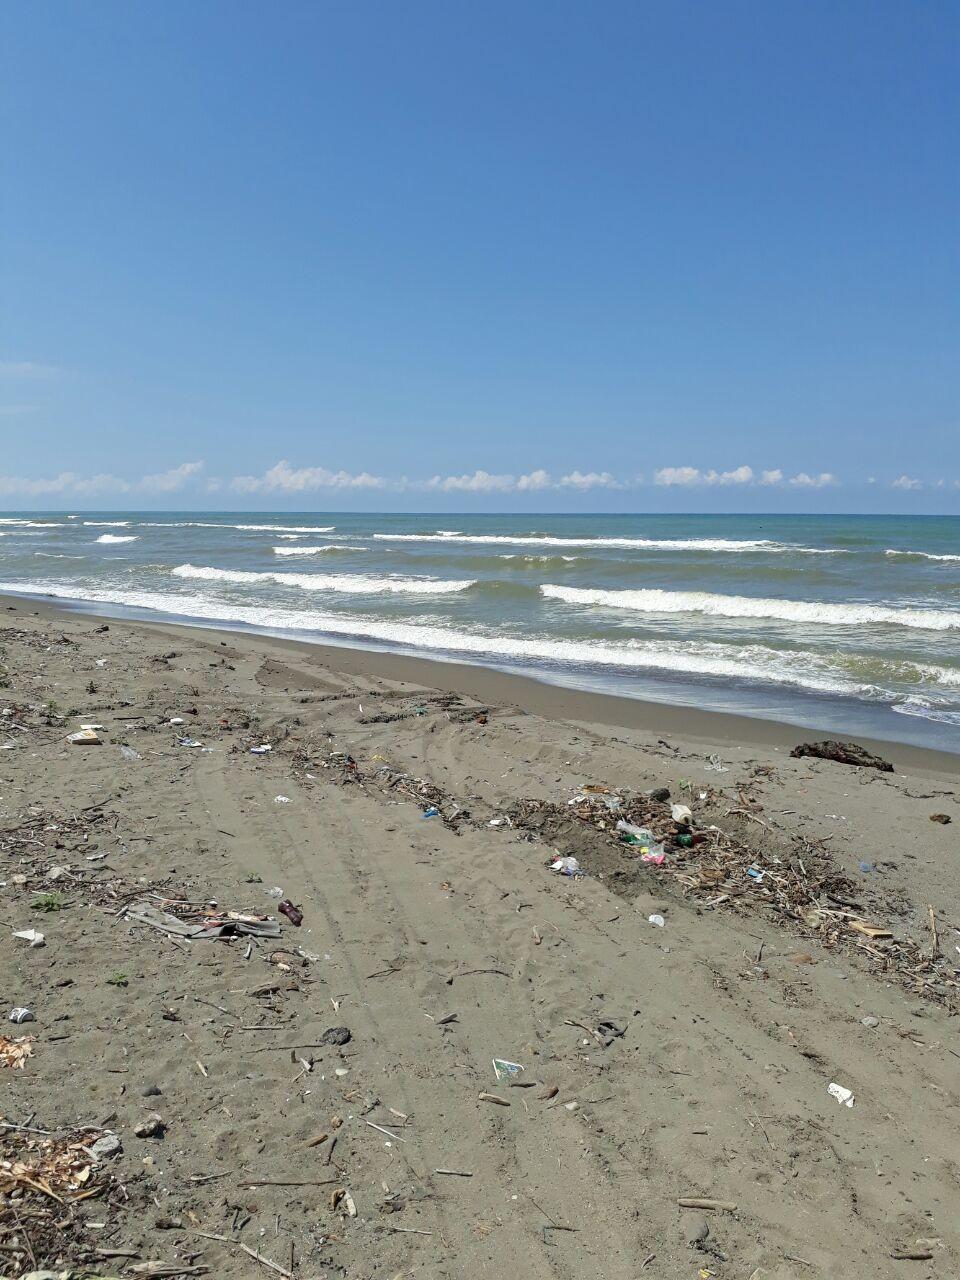 ساحلی ویلا نزدیک به ساحل ماسه ای شیرود